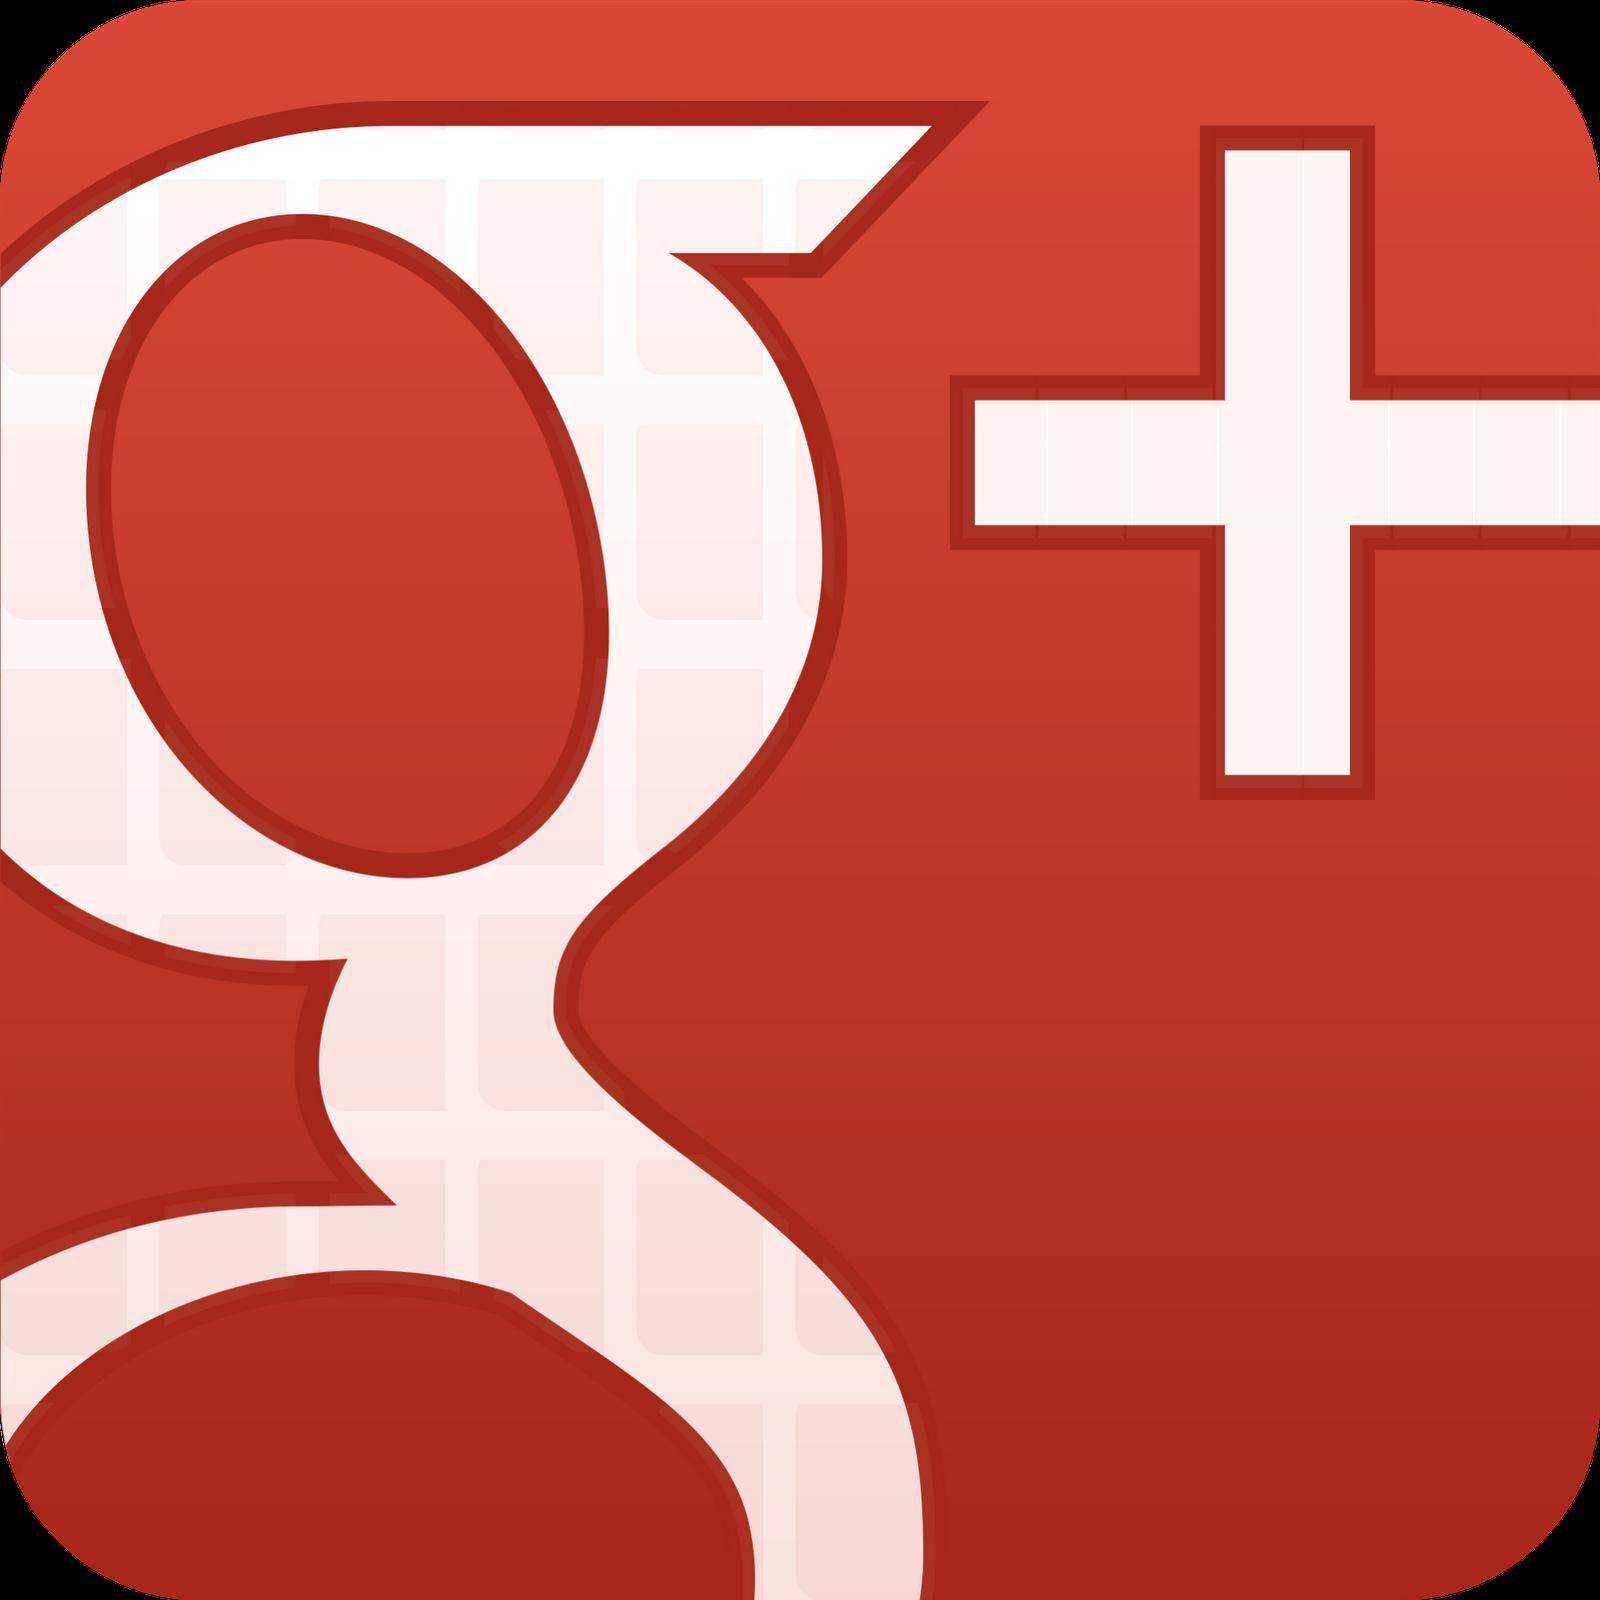 Visitez notre page Google+